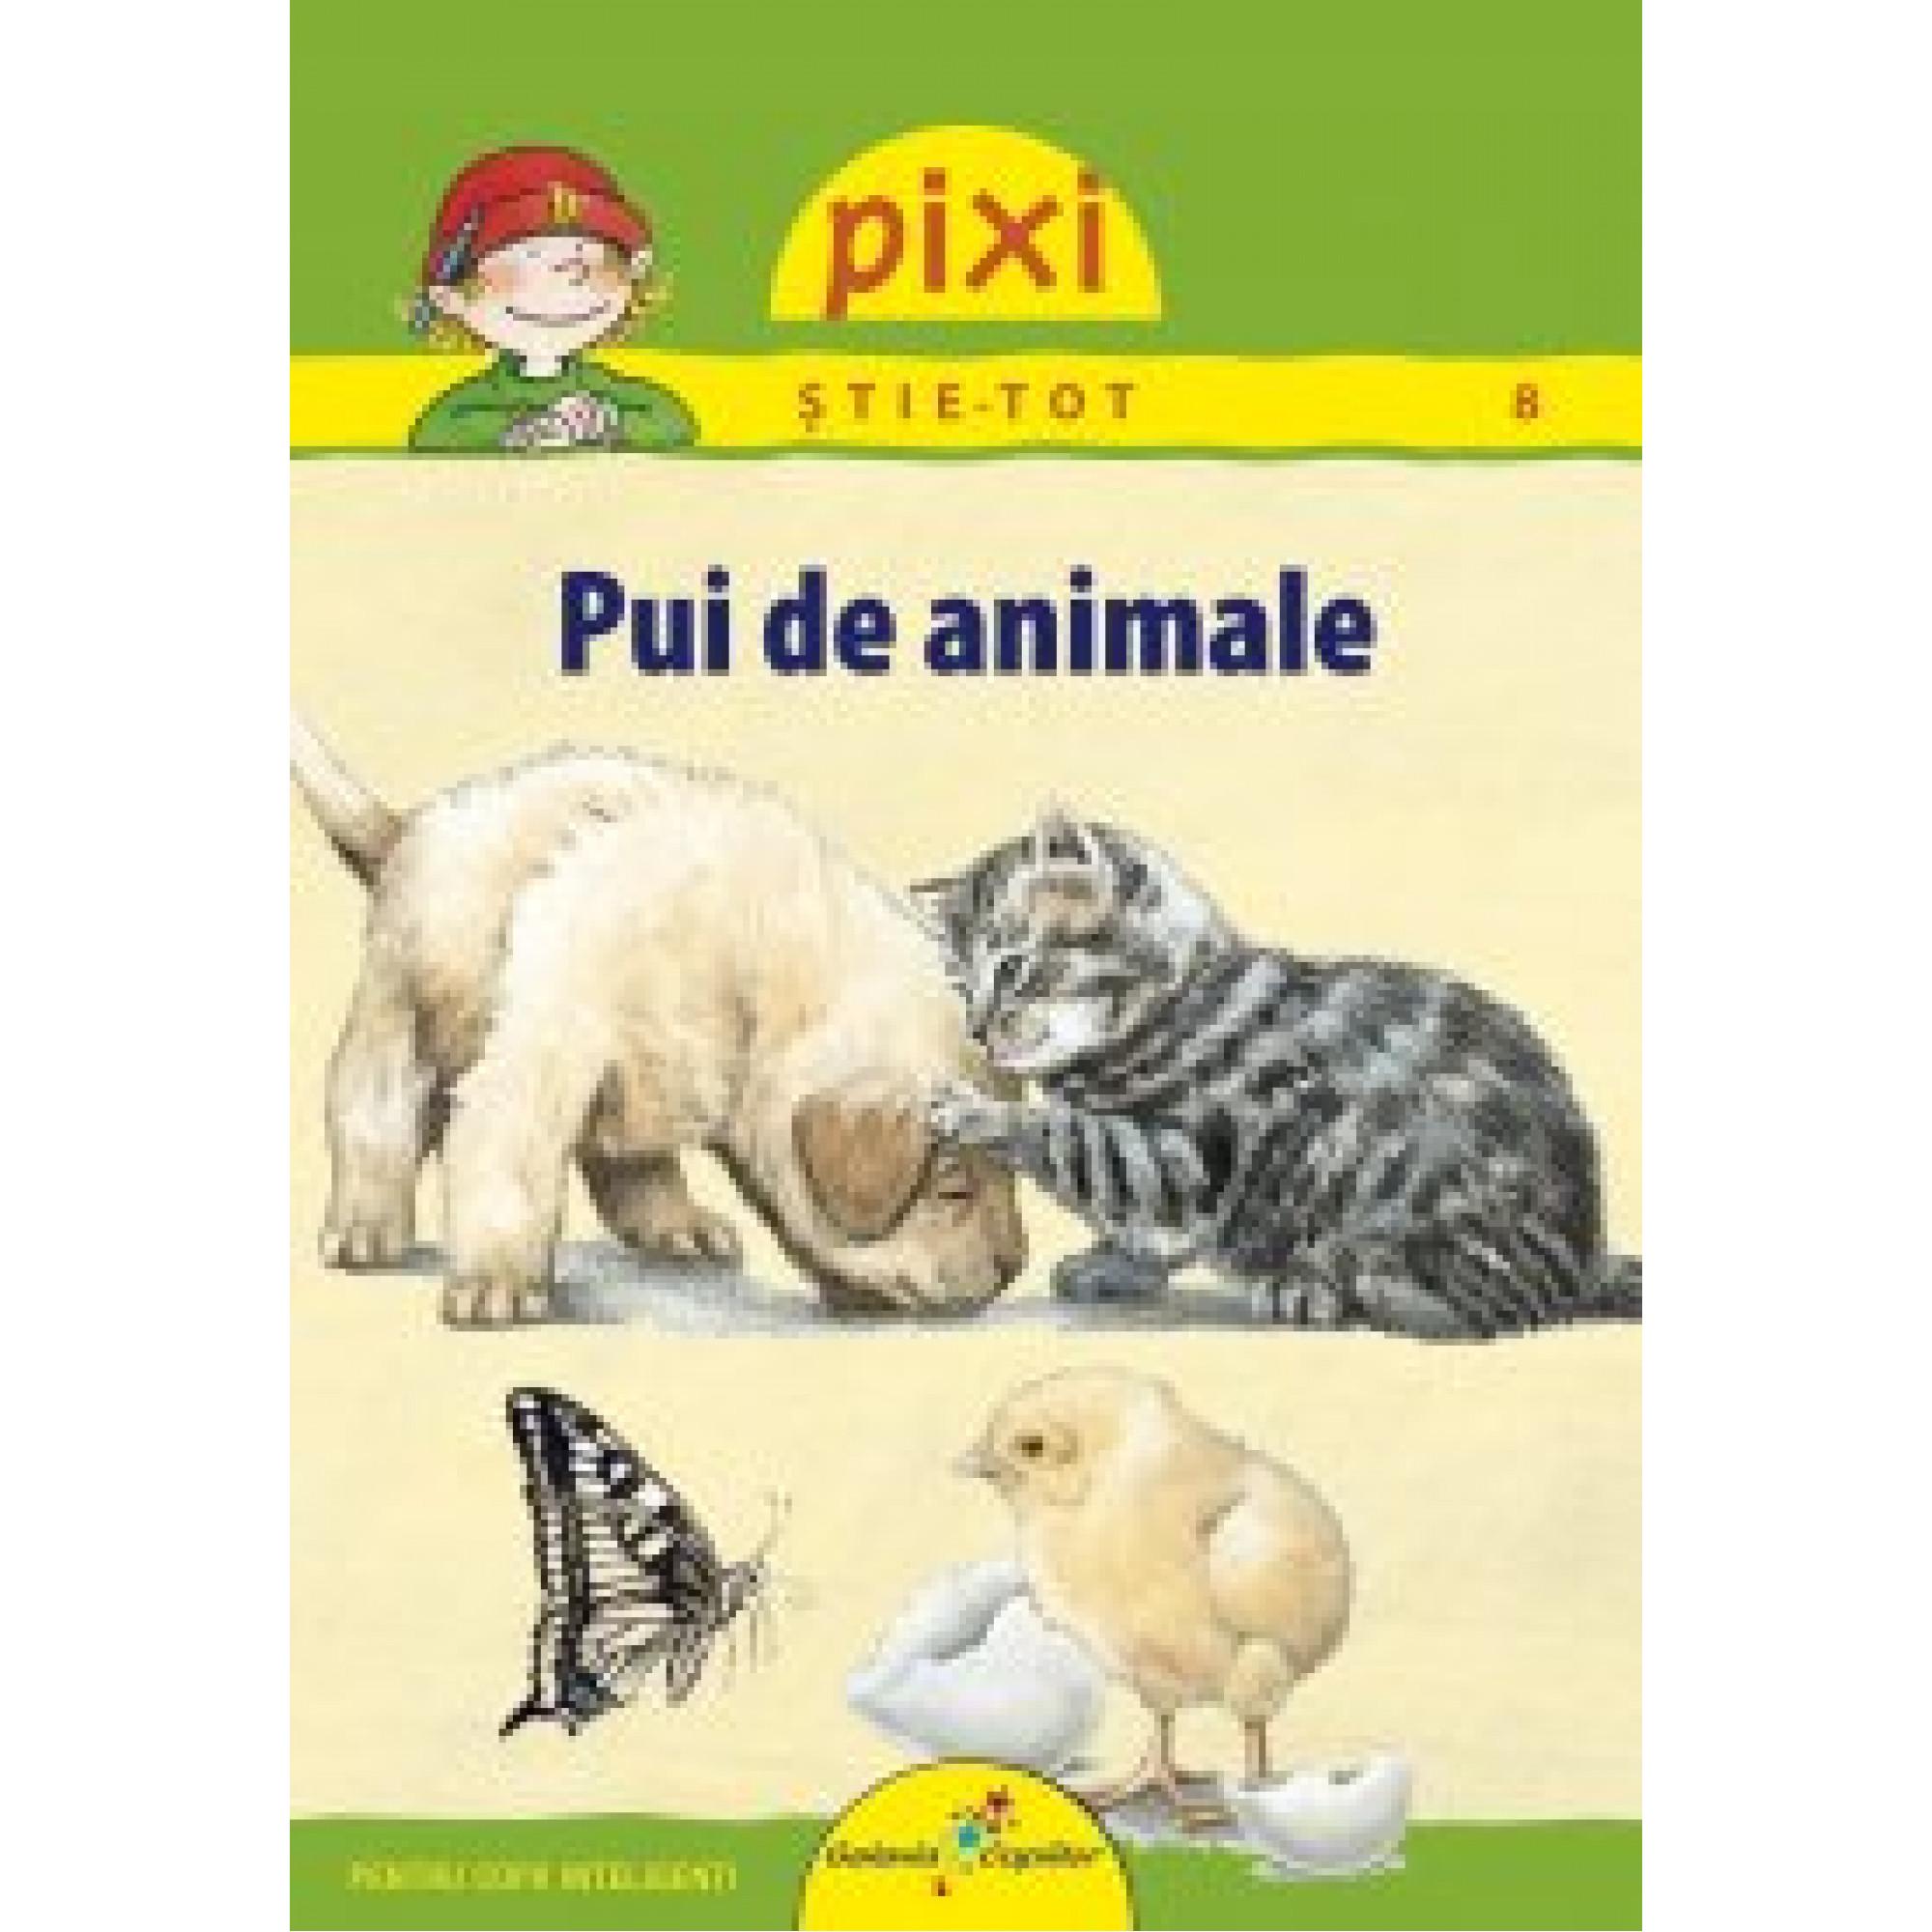 Pixi știe-tot. Pui de animale